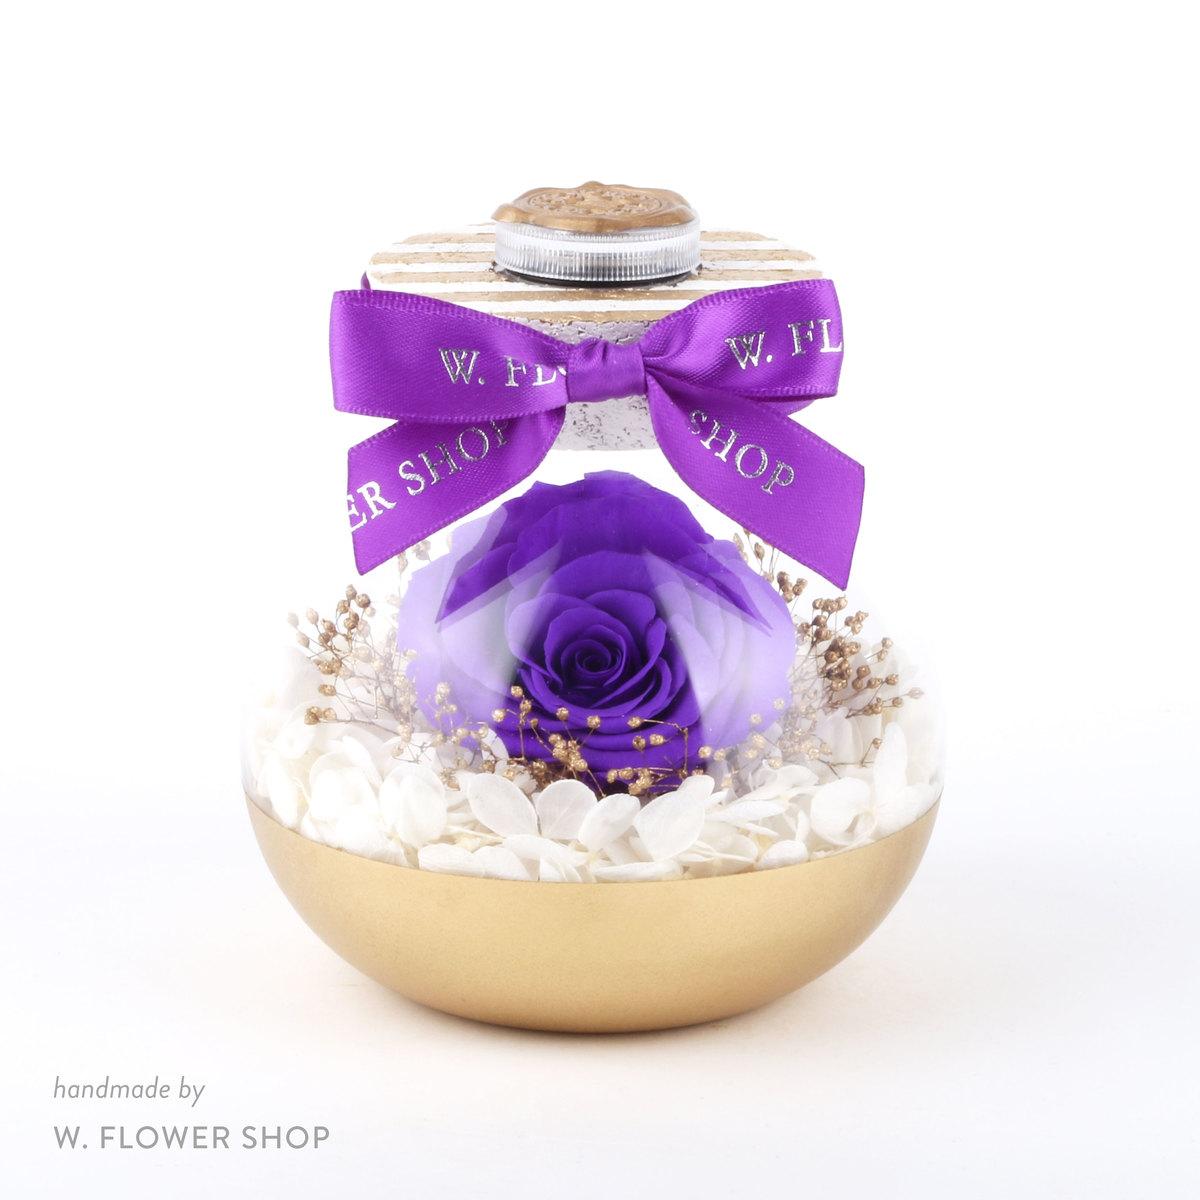 LITTLE WISHFUL GLASS - Amethyst Purple